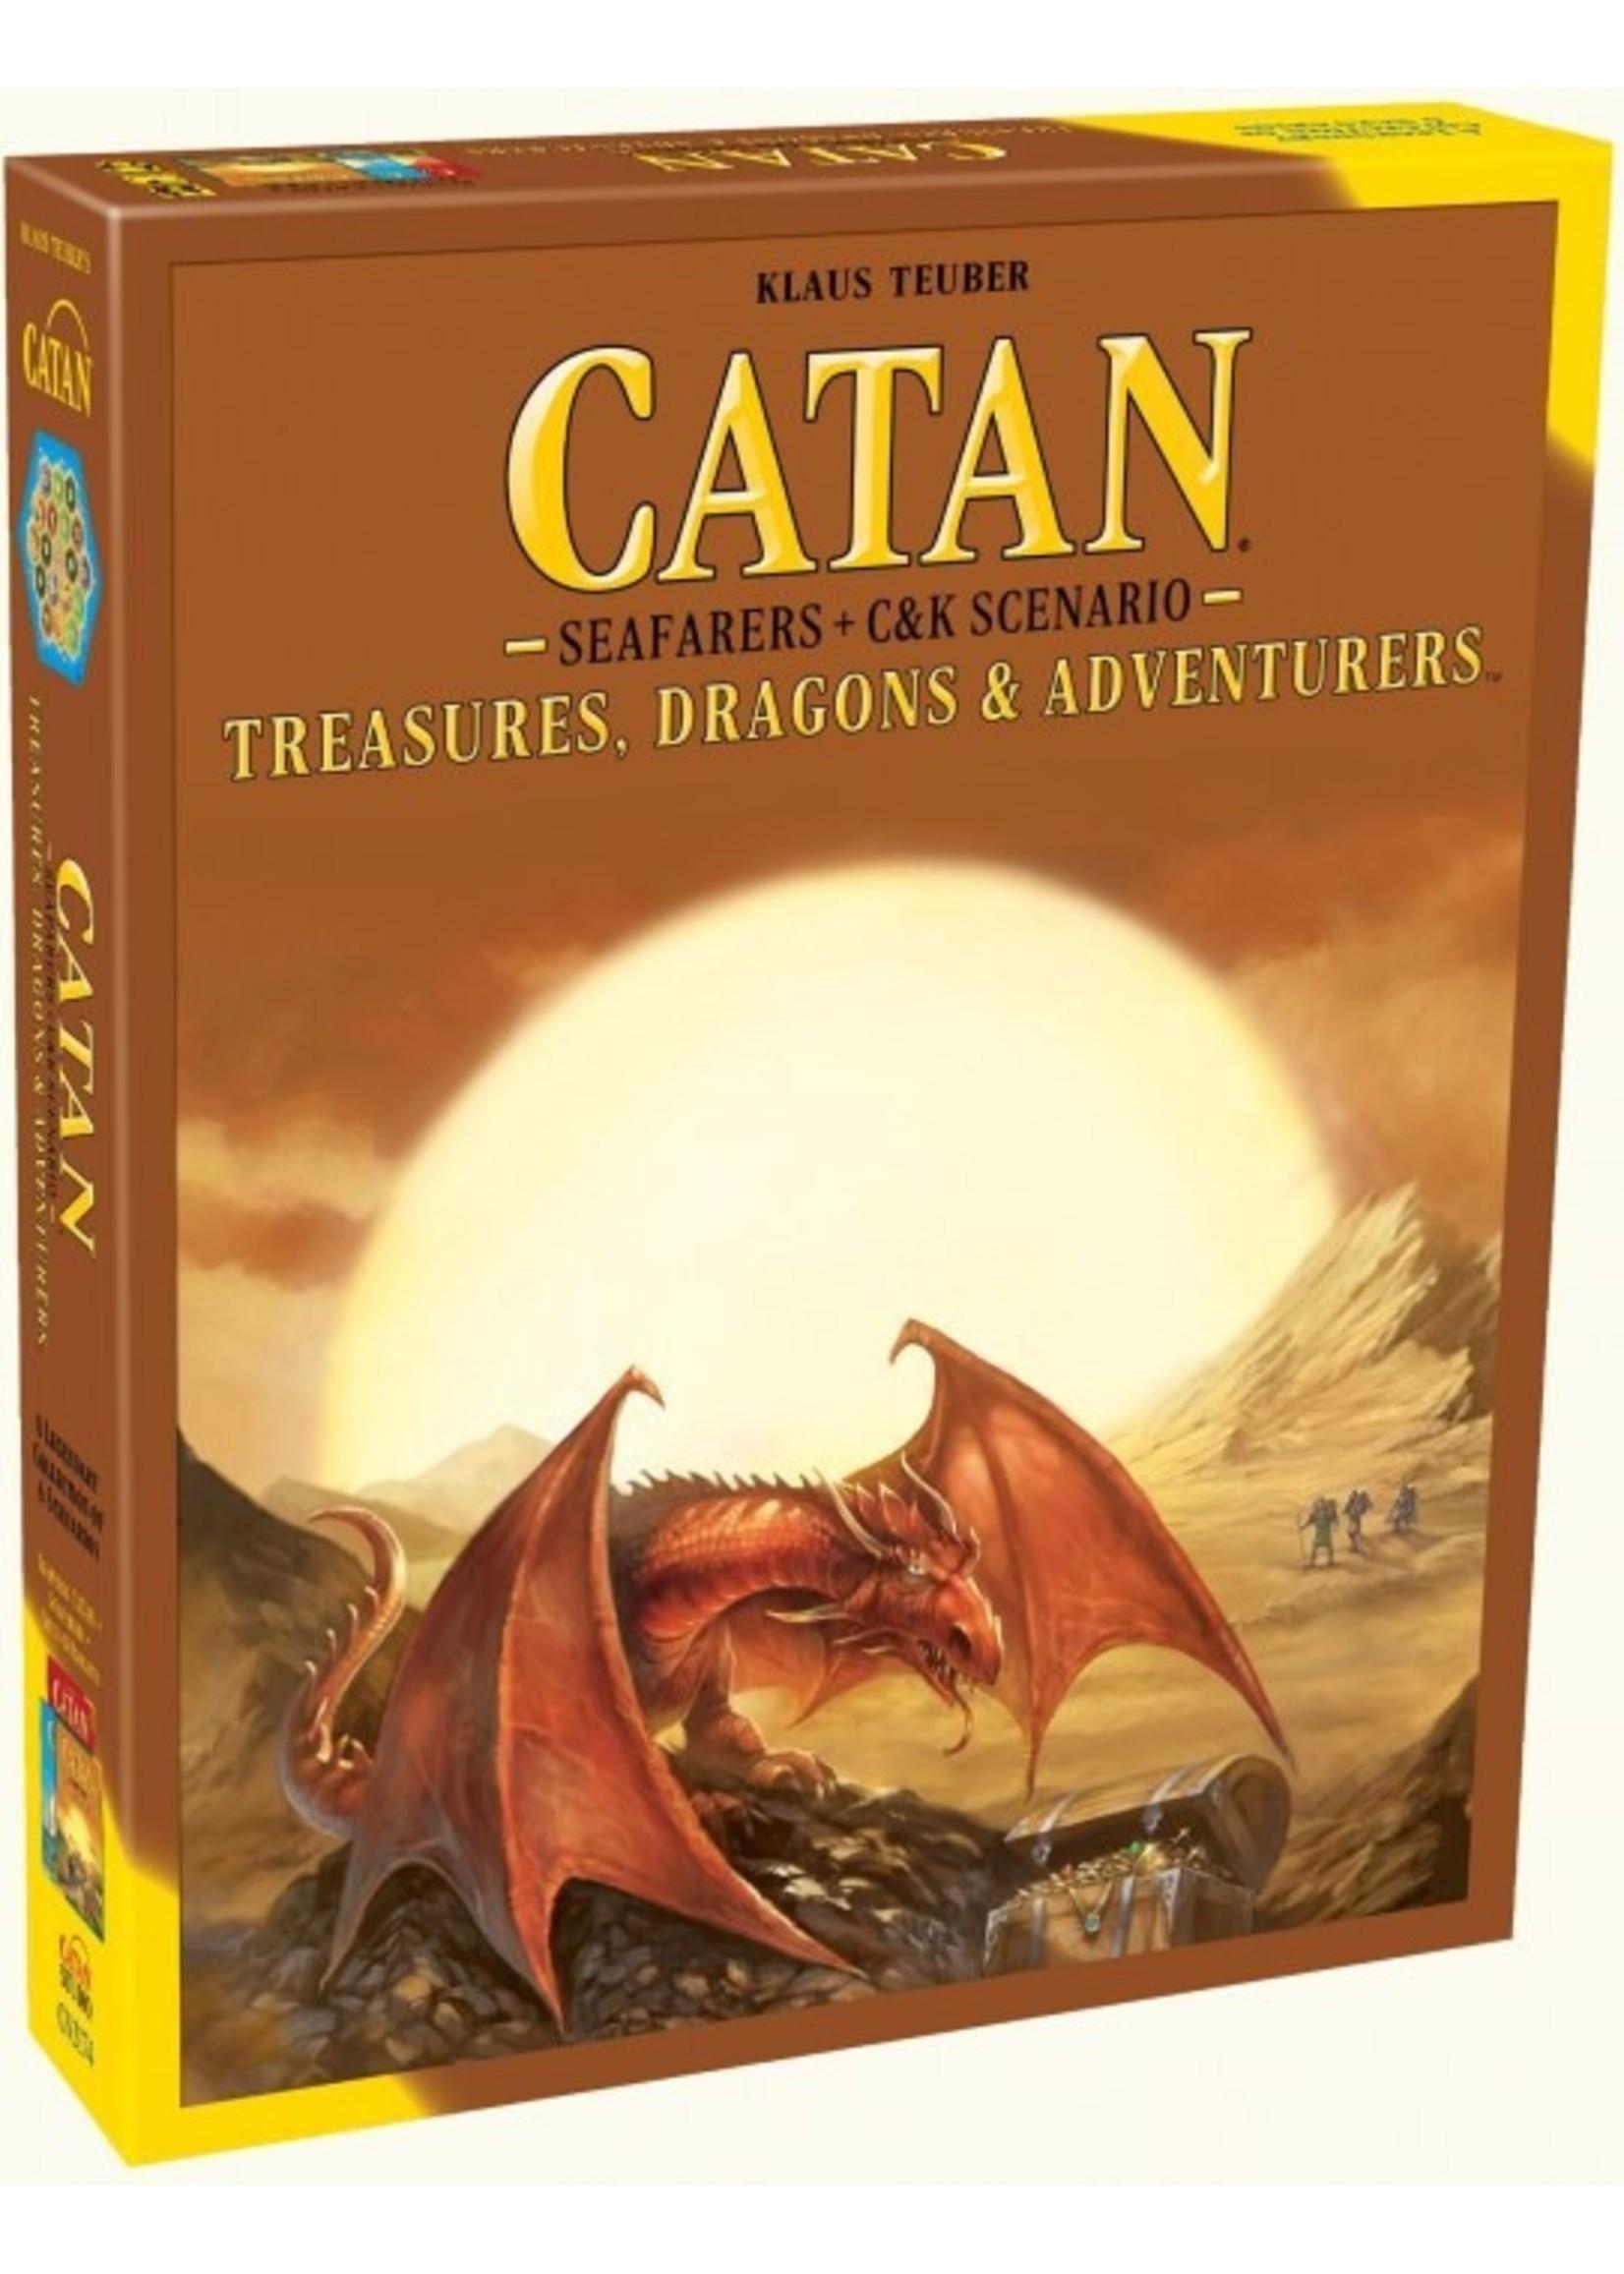 Catan Exp: Treasures, Dragons & Adventurers